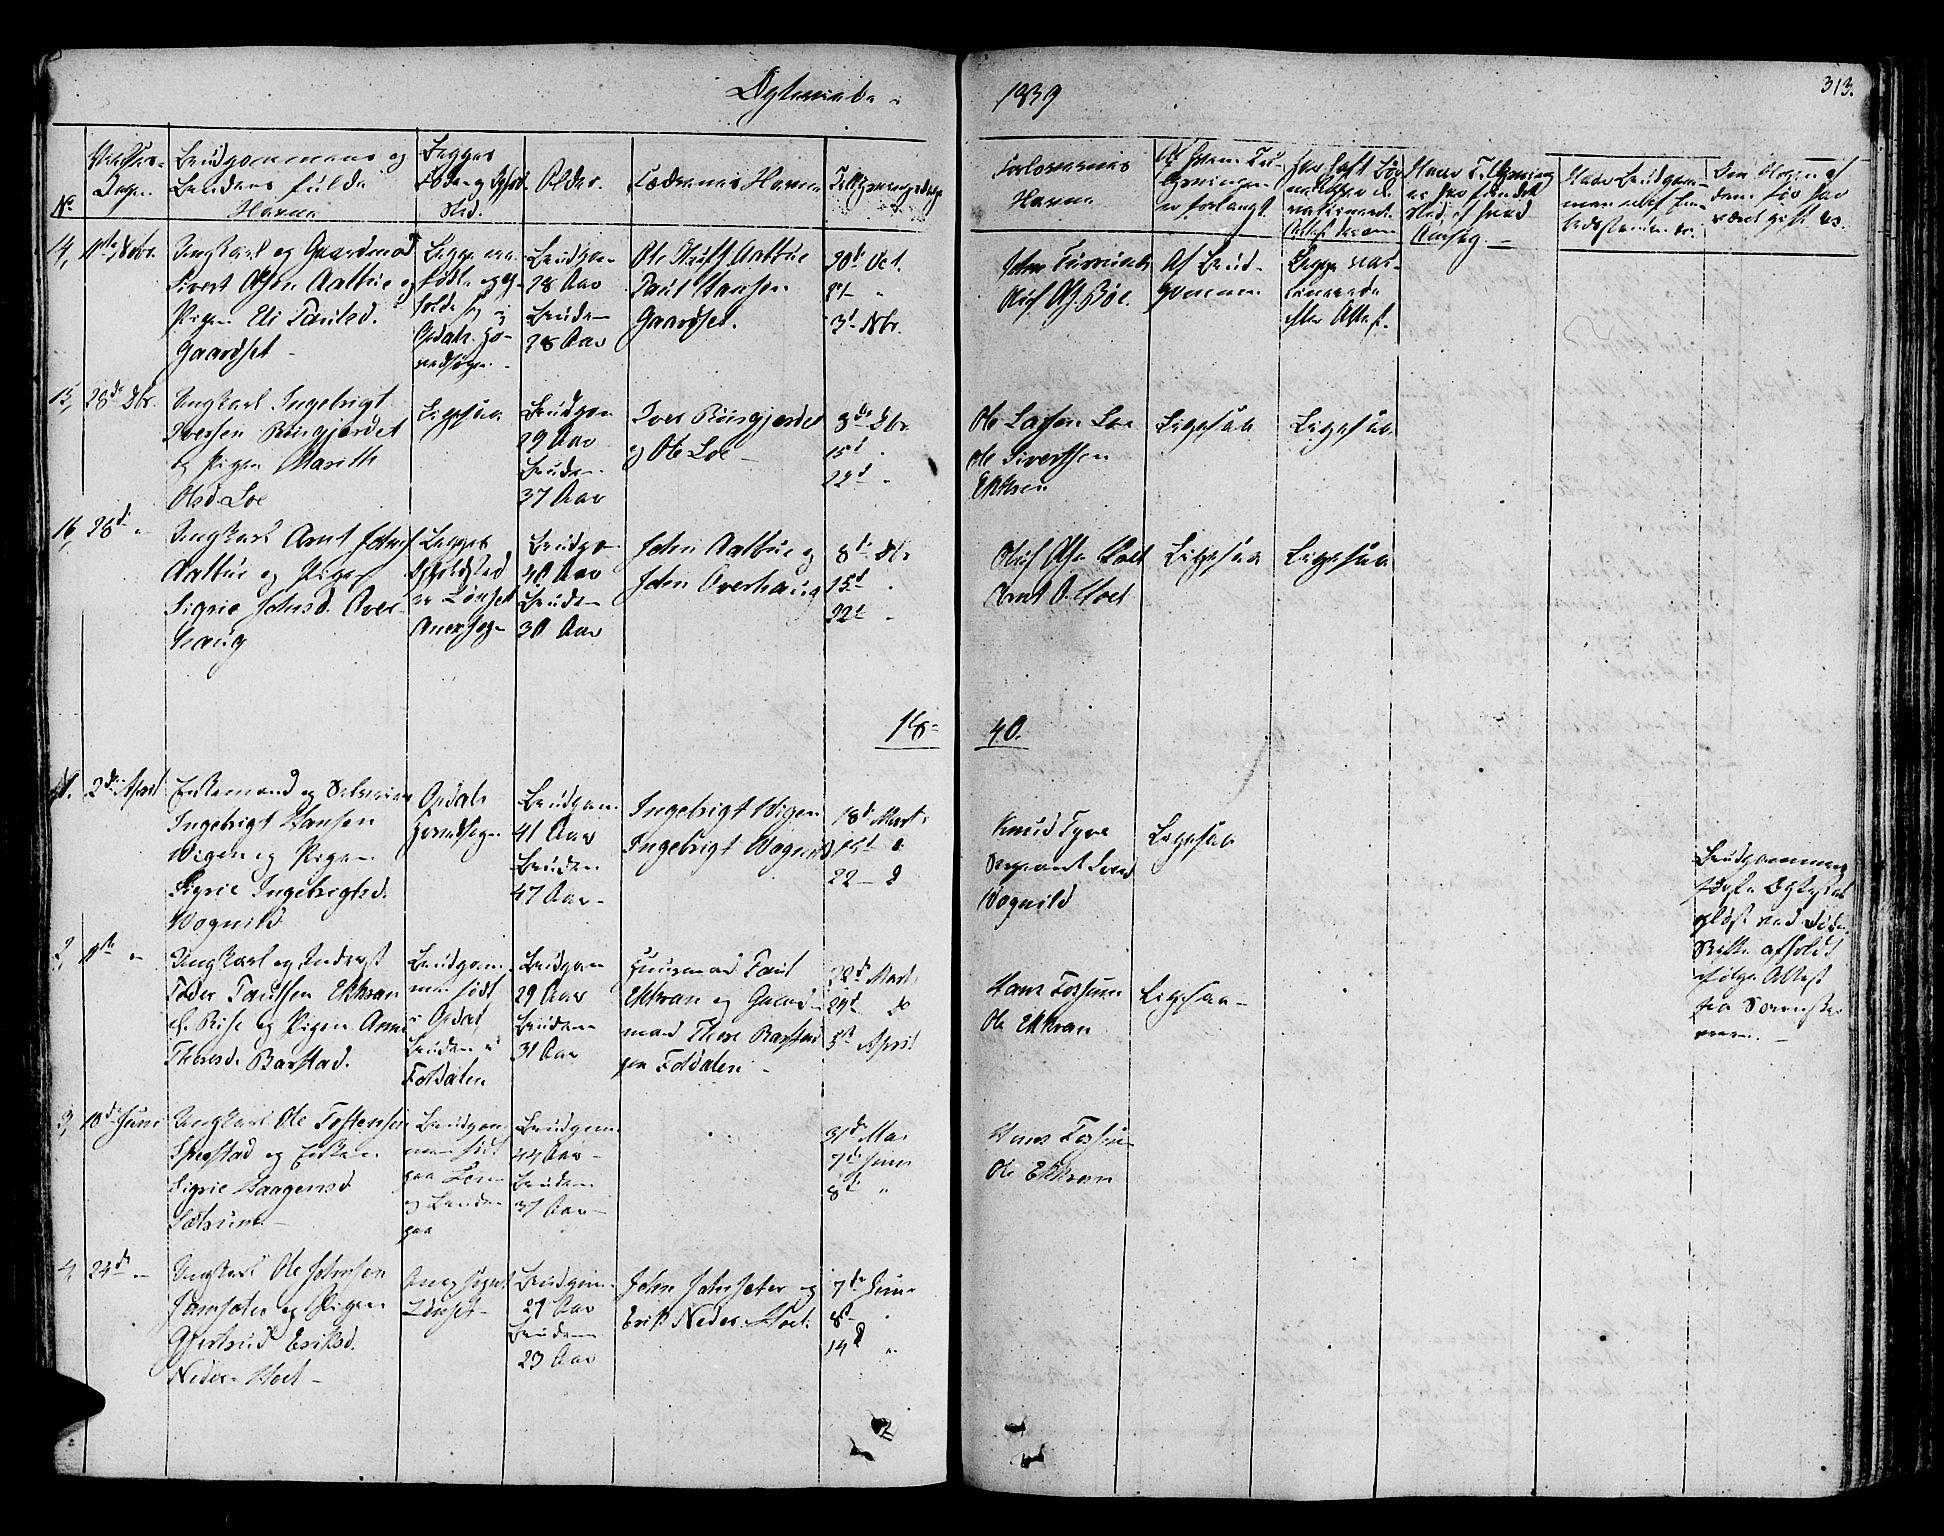 SAT, Ministerialprotokoller, klokkerbøker og fødselsregistre - Sør-Trøndelag, 678/L0897: Ministerialbok nr. 678A06-07, 1821-1847, s. 313